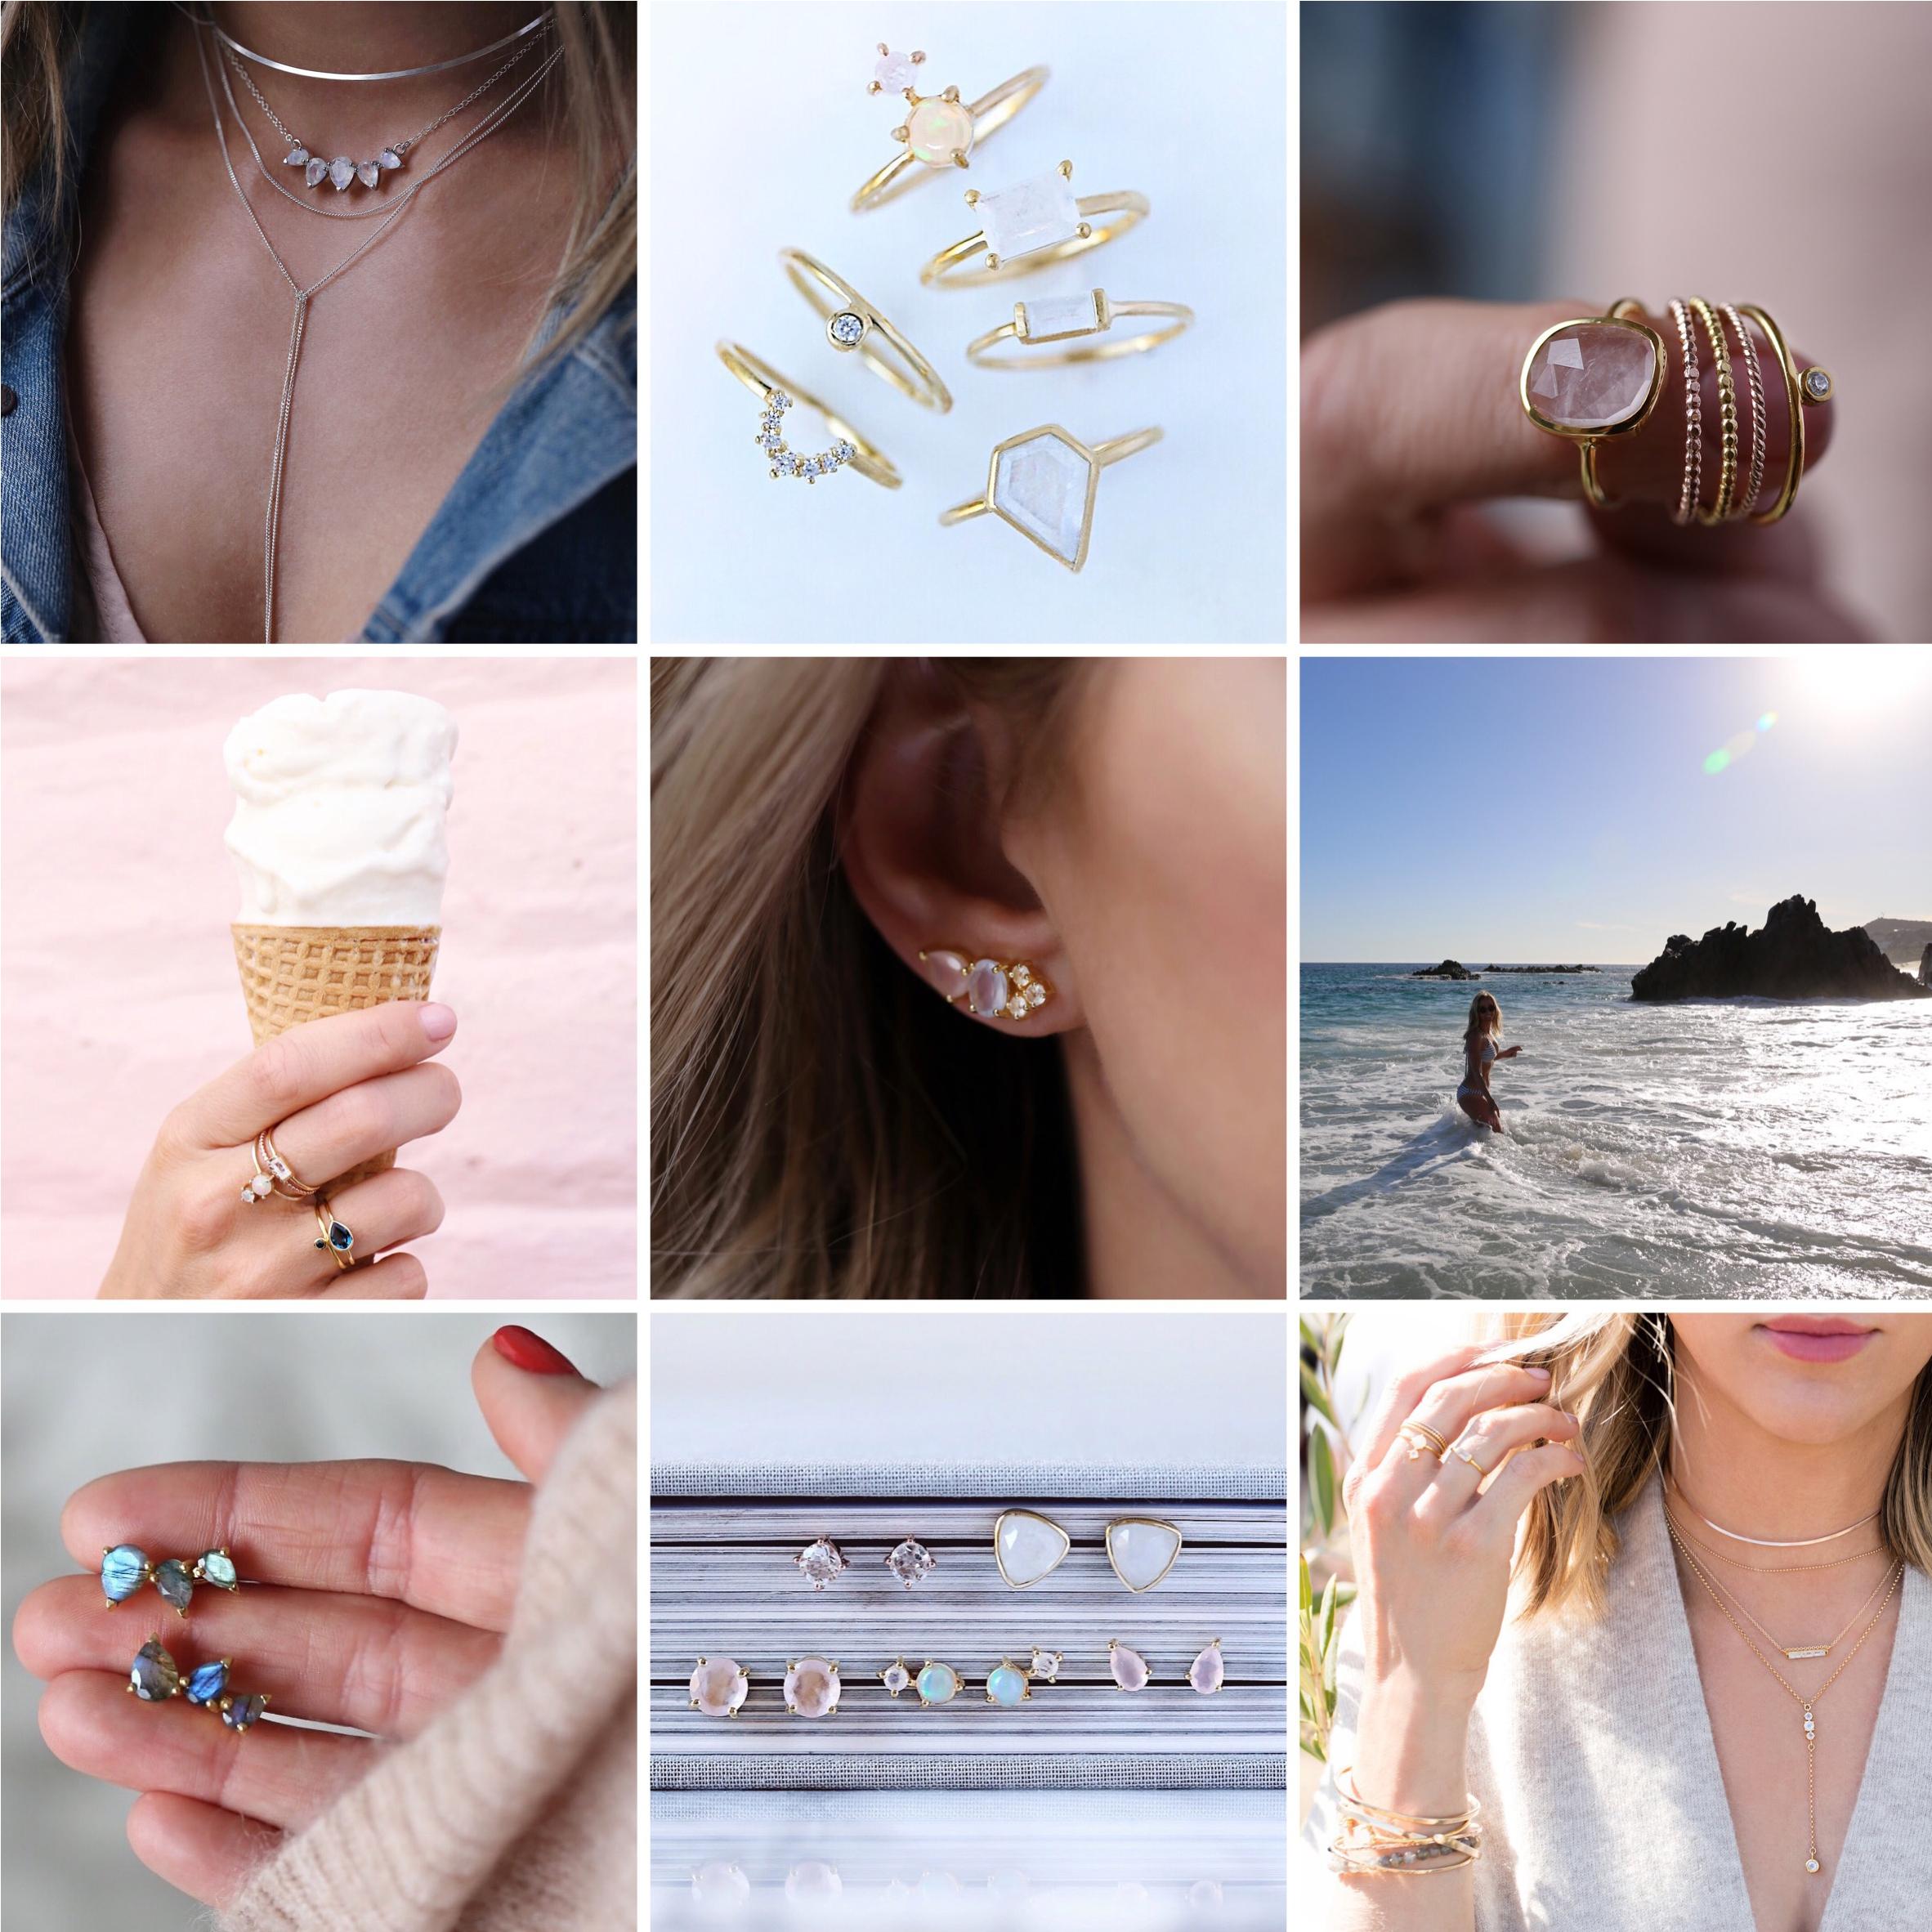 stephen webster jewelry instagram beautyful jewelry